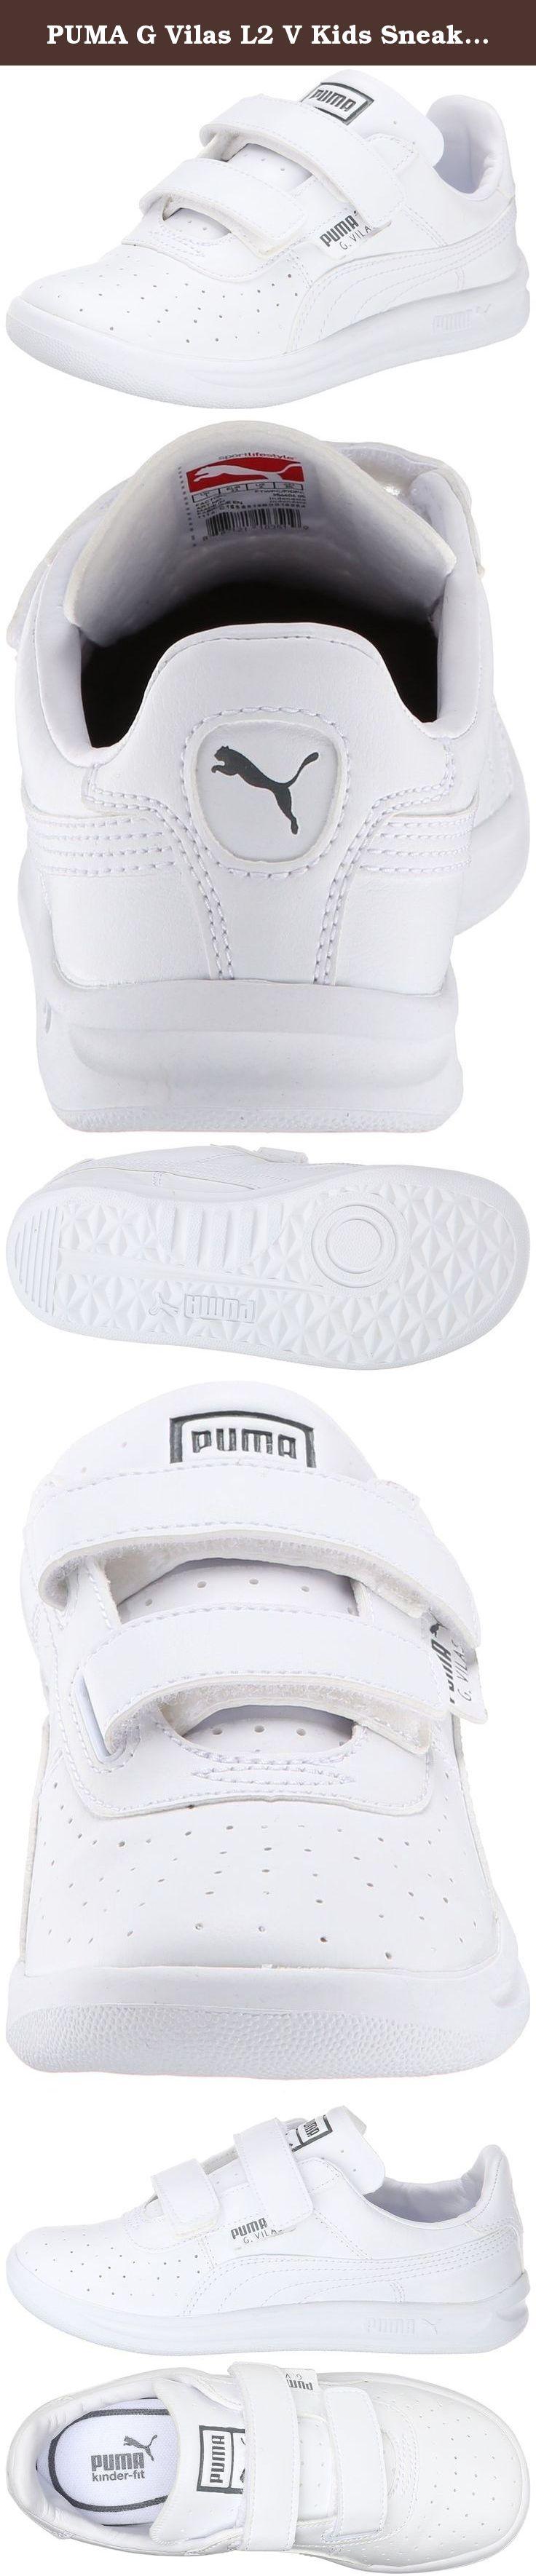 PUMA G Vilas L2 V Kids Sneaker (Toddler/Little Kid/Big Kid)